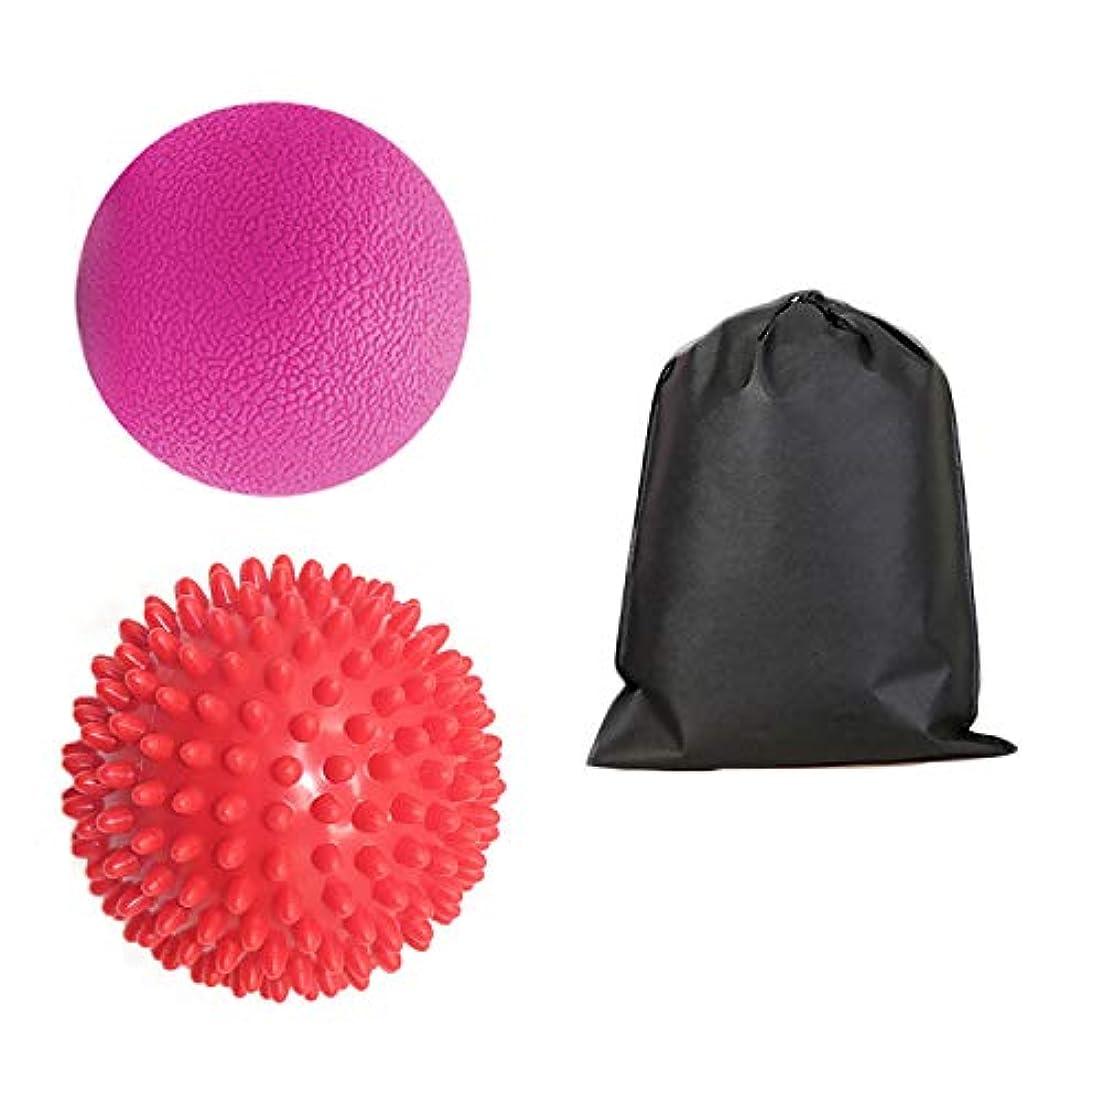 巧みな粘り強いコントローラMigavan 1個マッサージボールマッサージボールローラーマッサージボール+ 1袋スパイクマッサージローラーボールマッサージと収納バッグ